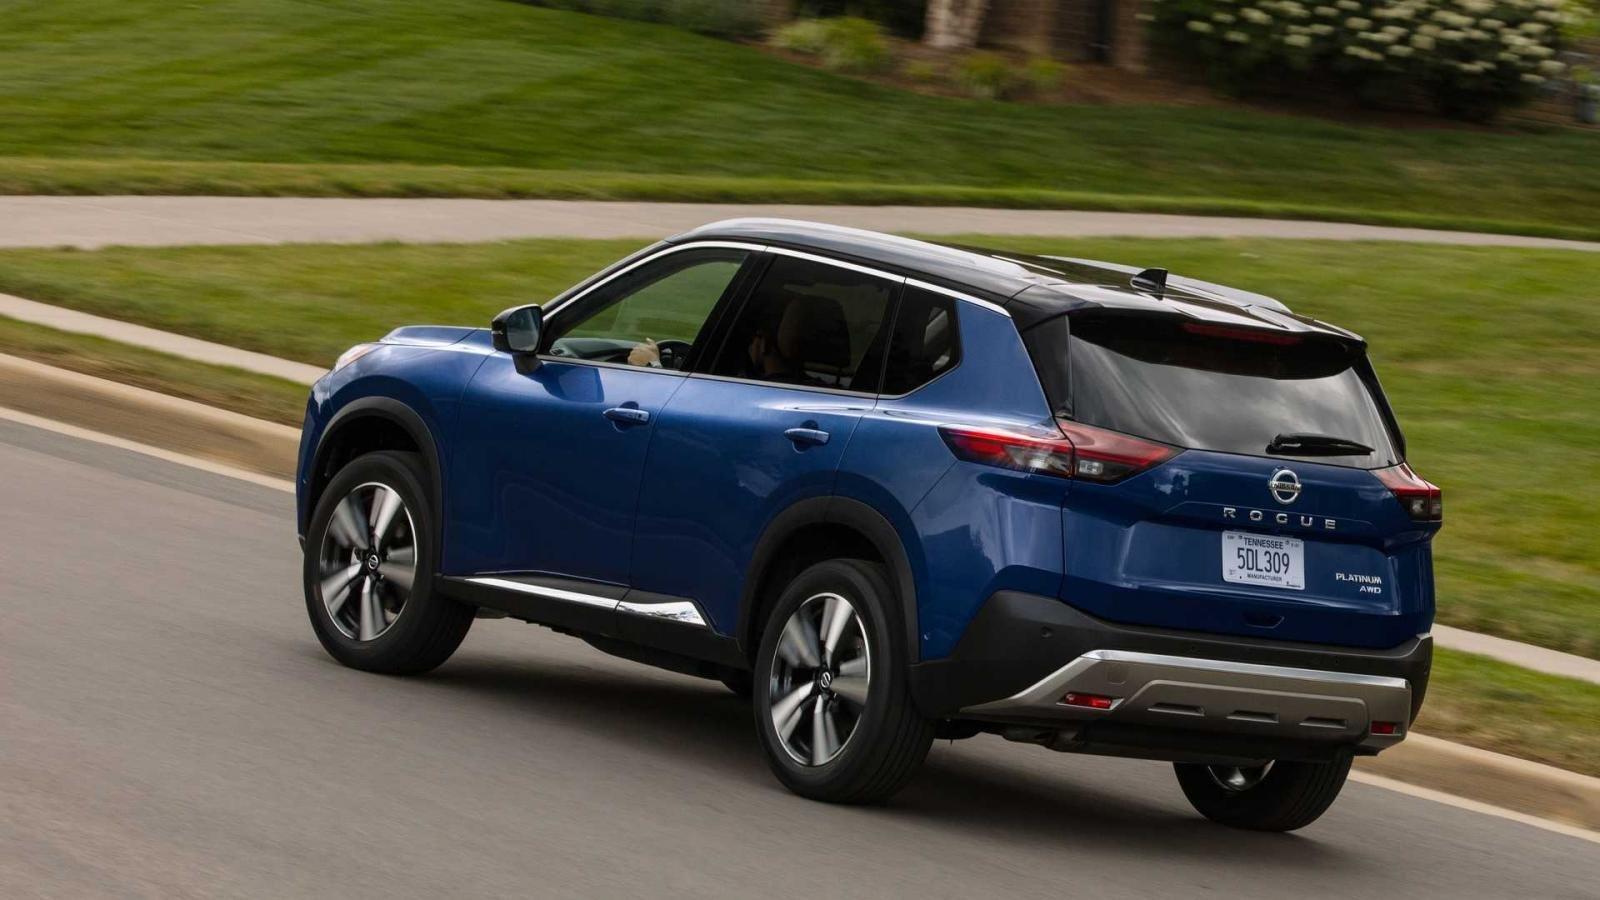 Các chỉ số sức mạnh của động cơ Nissan X-Trail 2021 mới vẫn còn là bí ẩn.